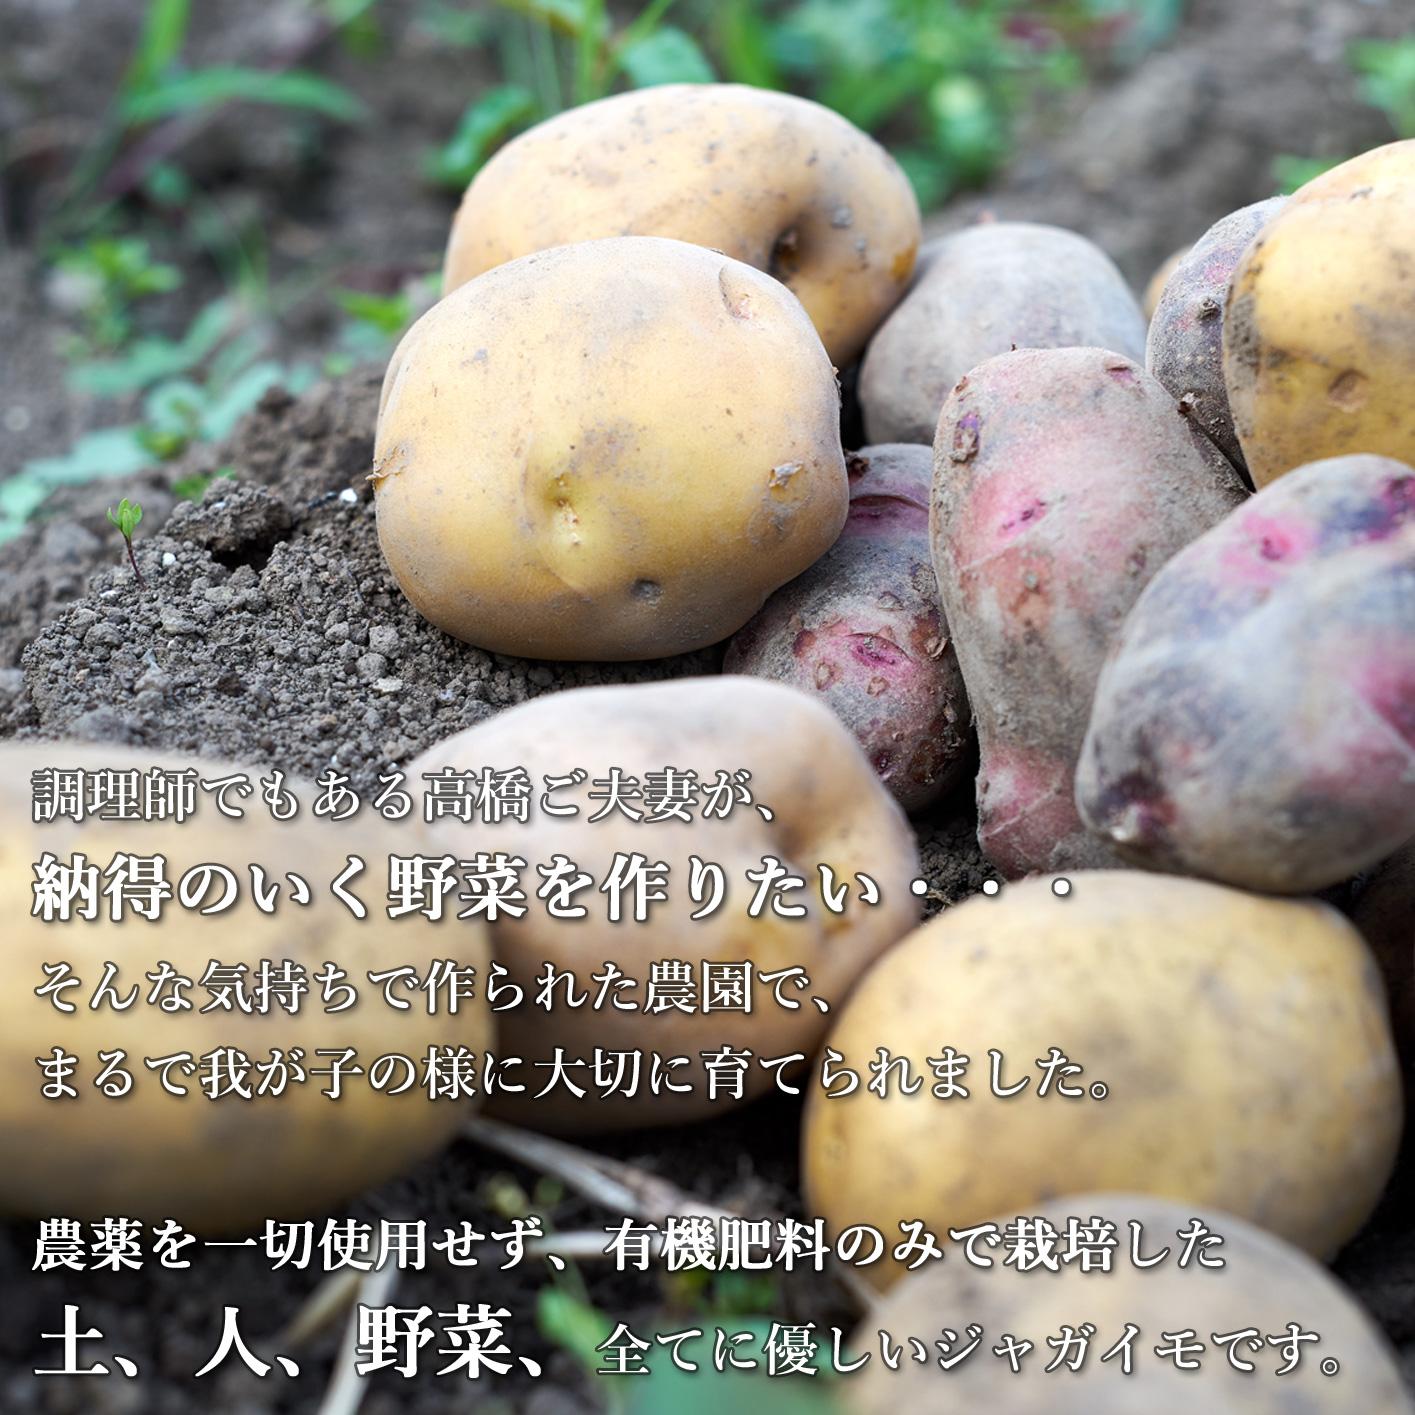 有機肥料のみで栽培したじゃがいも